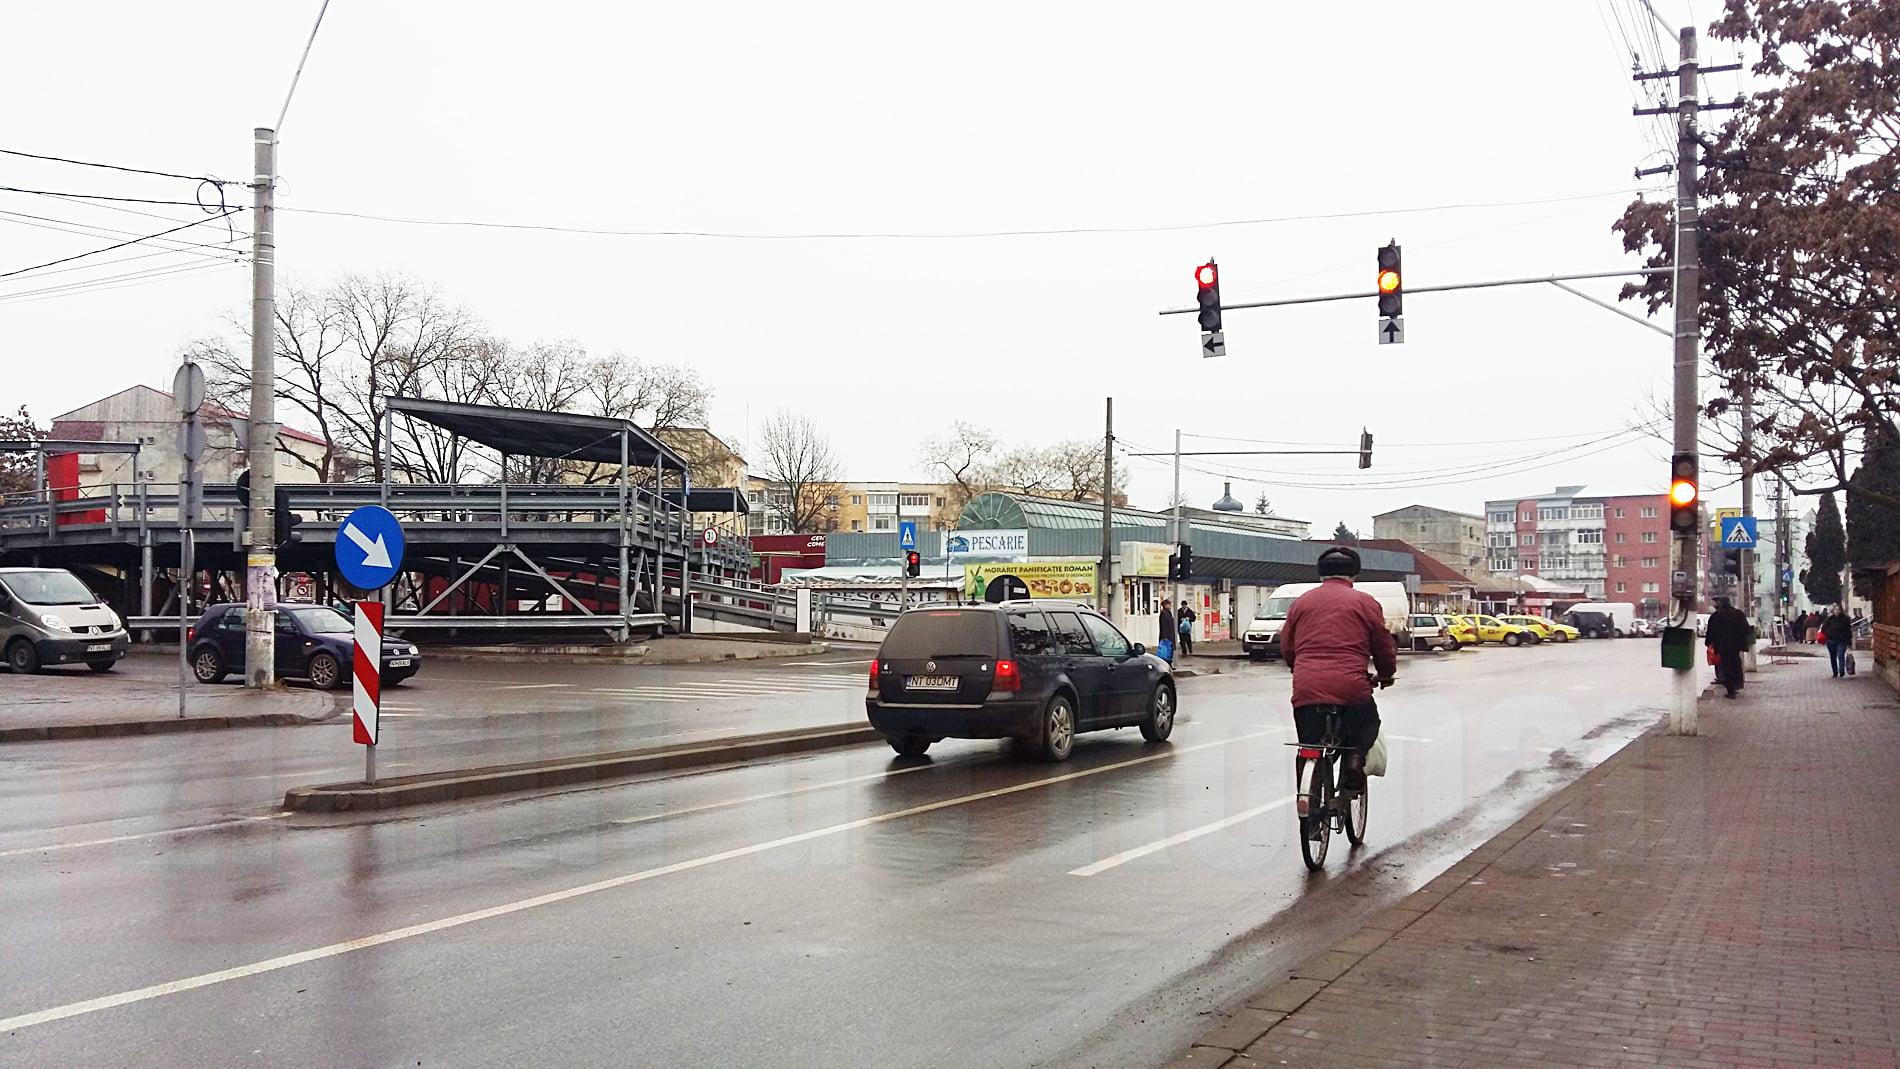 Modificări de circulație în zona Pieței Mari, la intersecția străzilor Aprodu Arbore și Sucedava